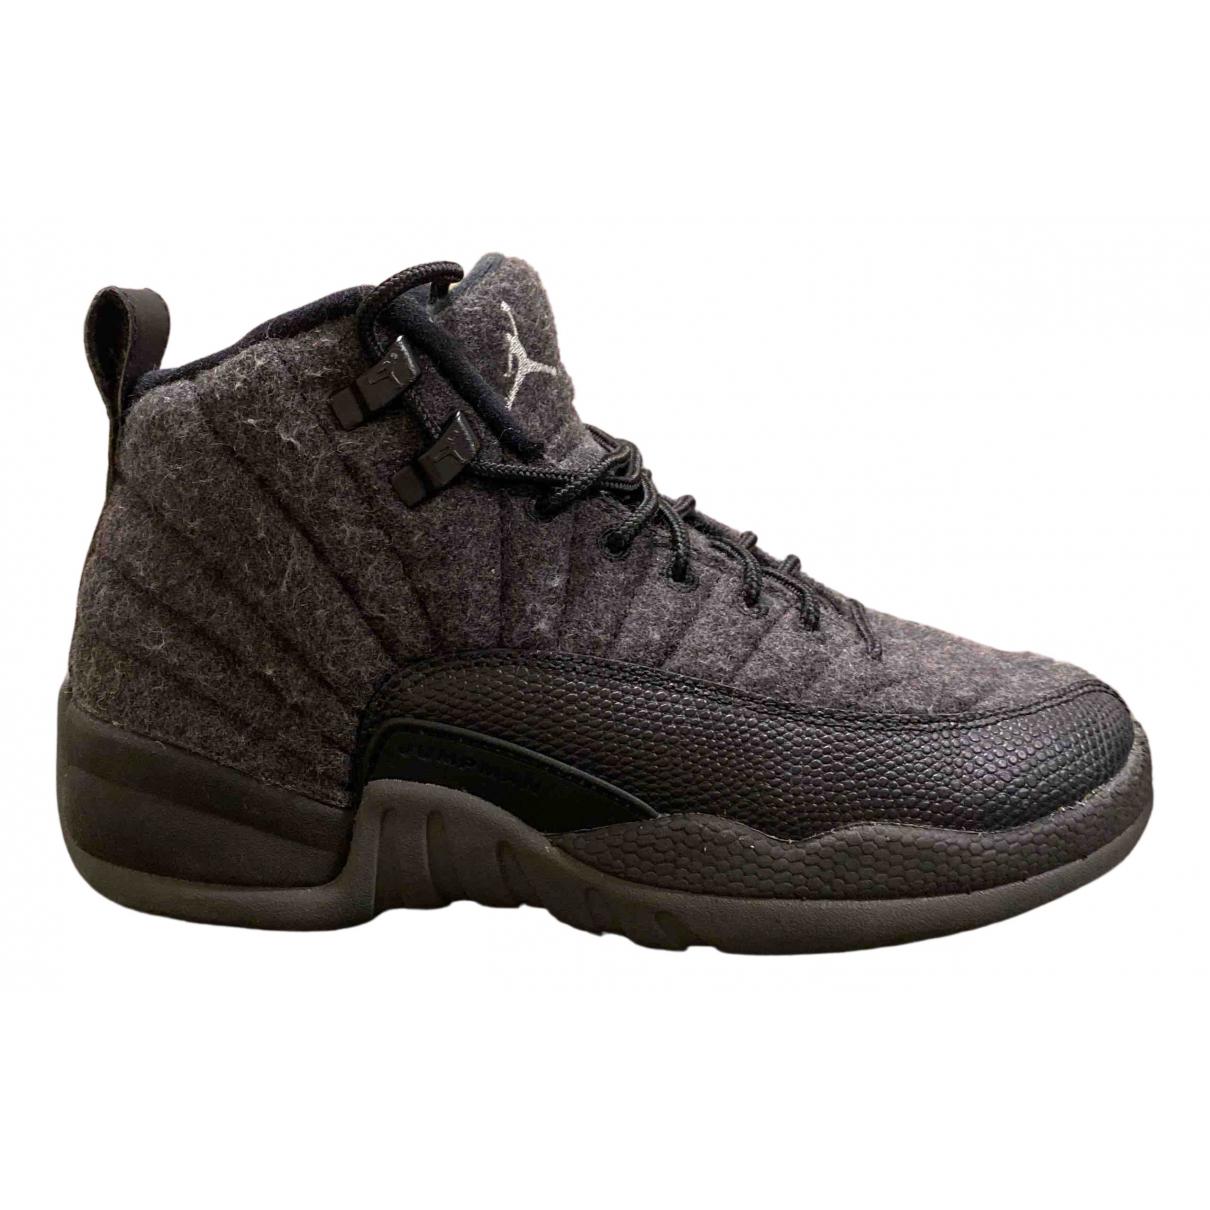 Jordan - Baskets Air Jordan 12 pour enfant en toile - gris